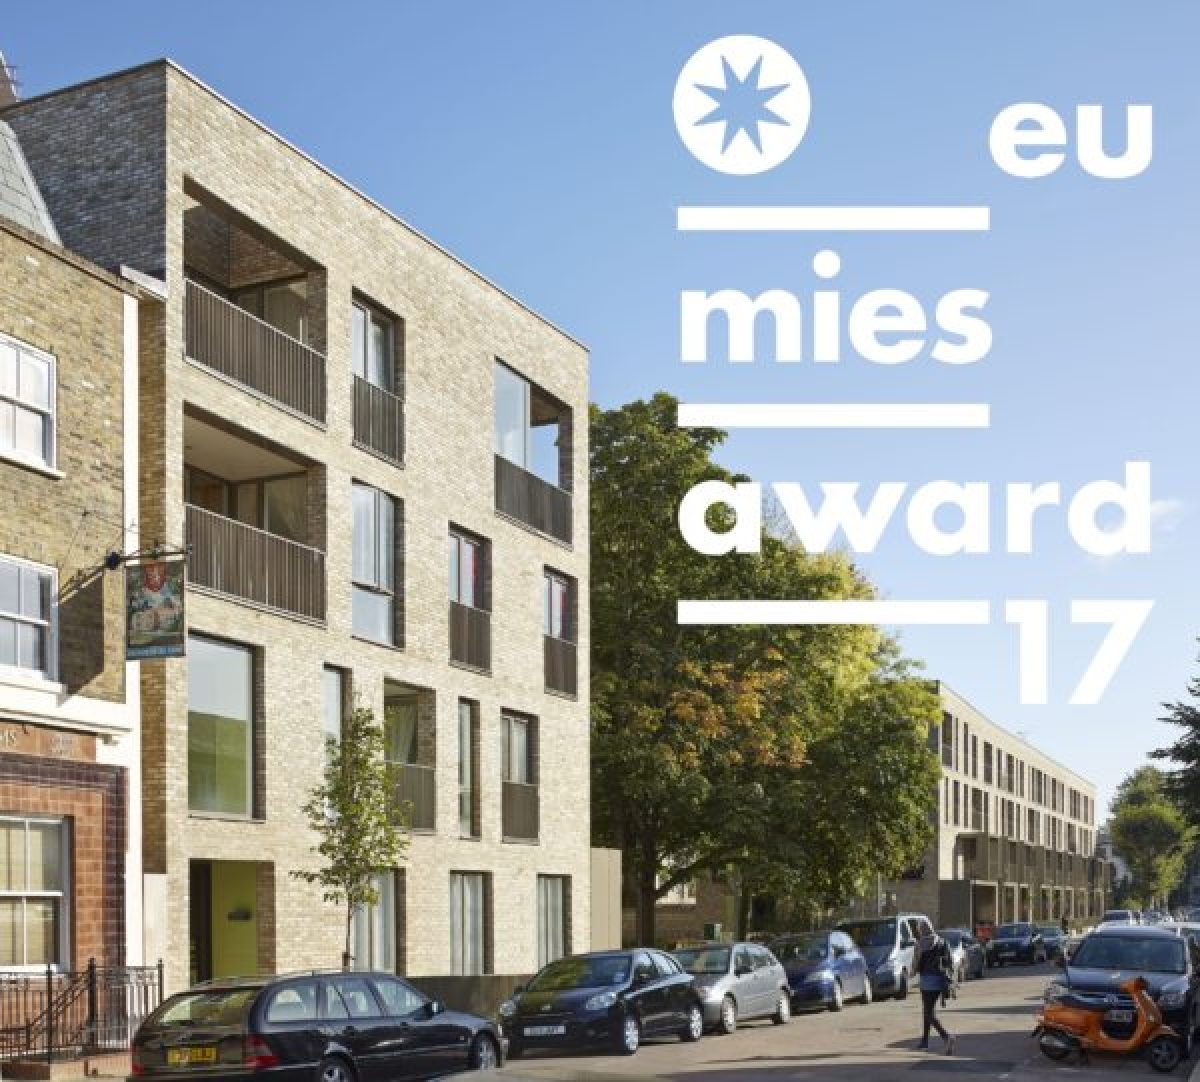 40 προκριθέντα έργα για το Βραβείο Ευρωπαϊκής Ένωσης για τη Σύγχρονη Αρχιτεκτονική Mies van der Rohe Award 2017